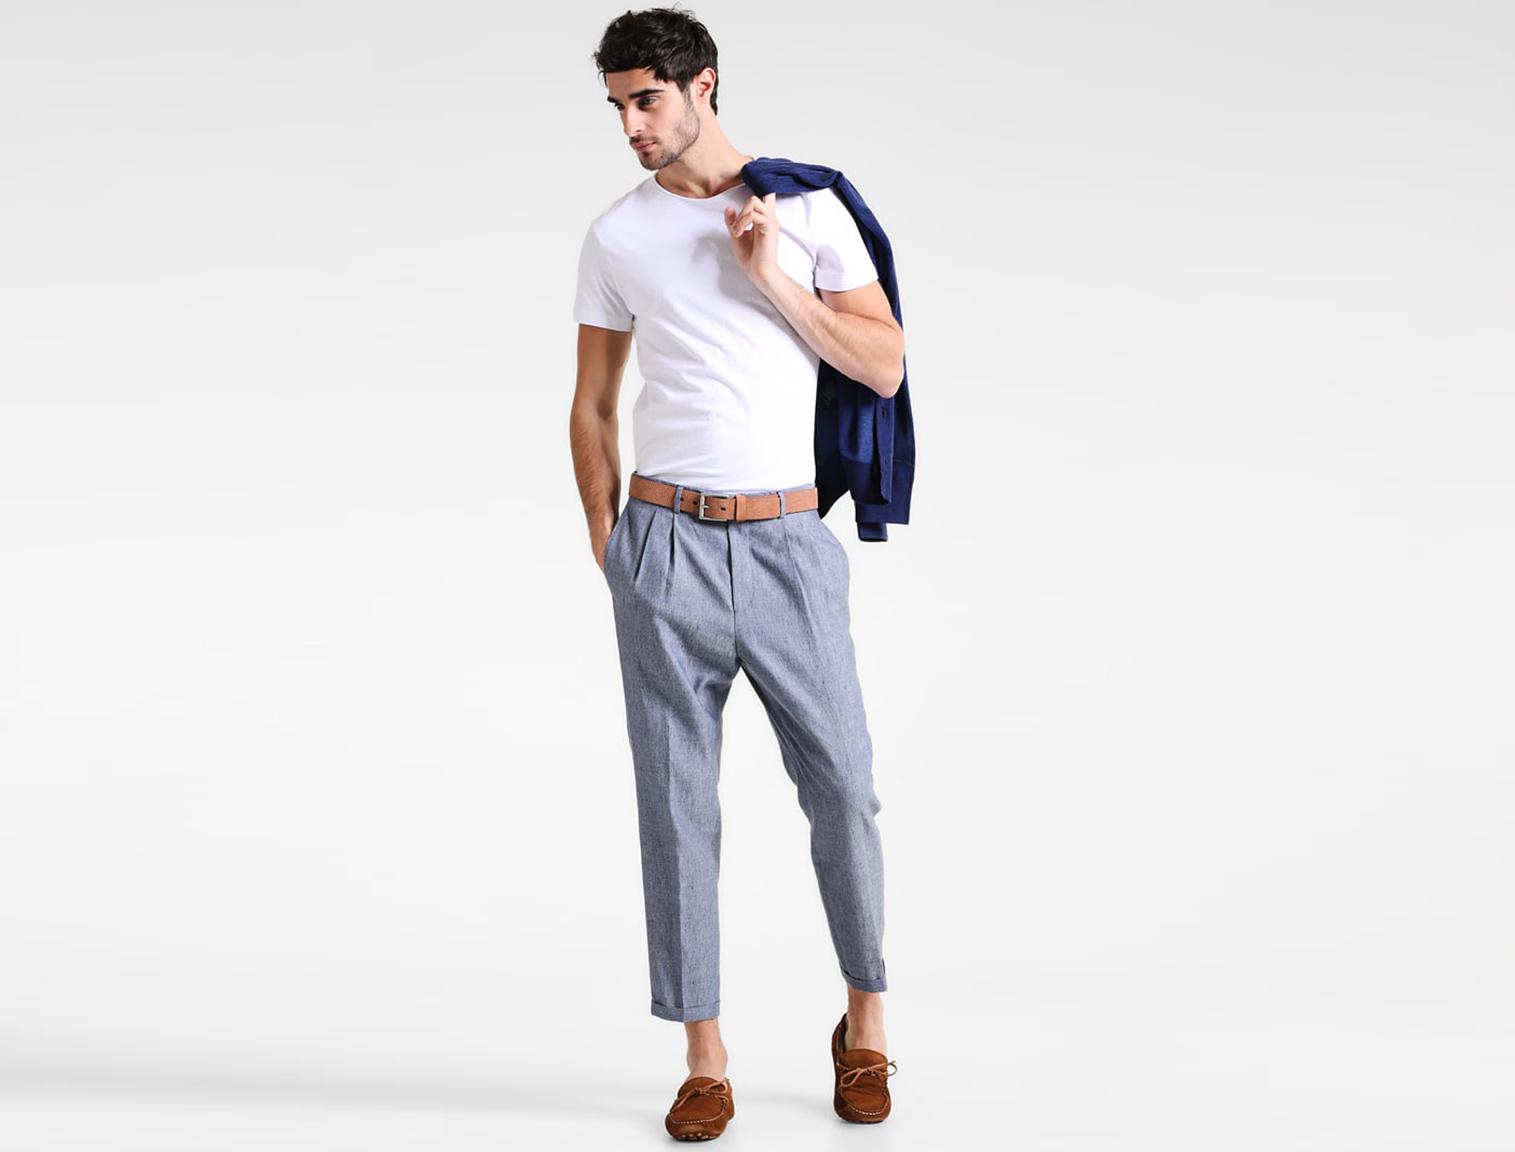 6241997e6 Hombre con pantalones de lino azules